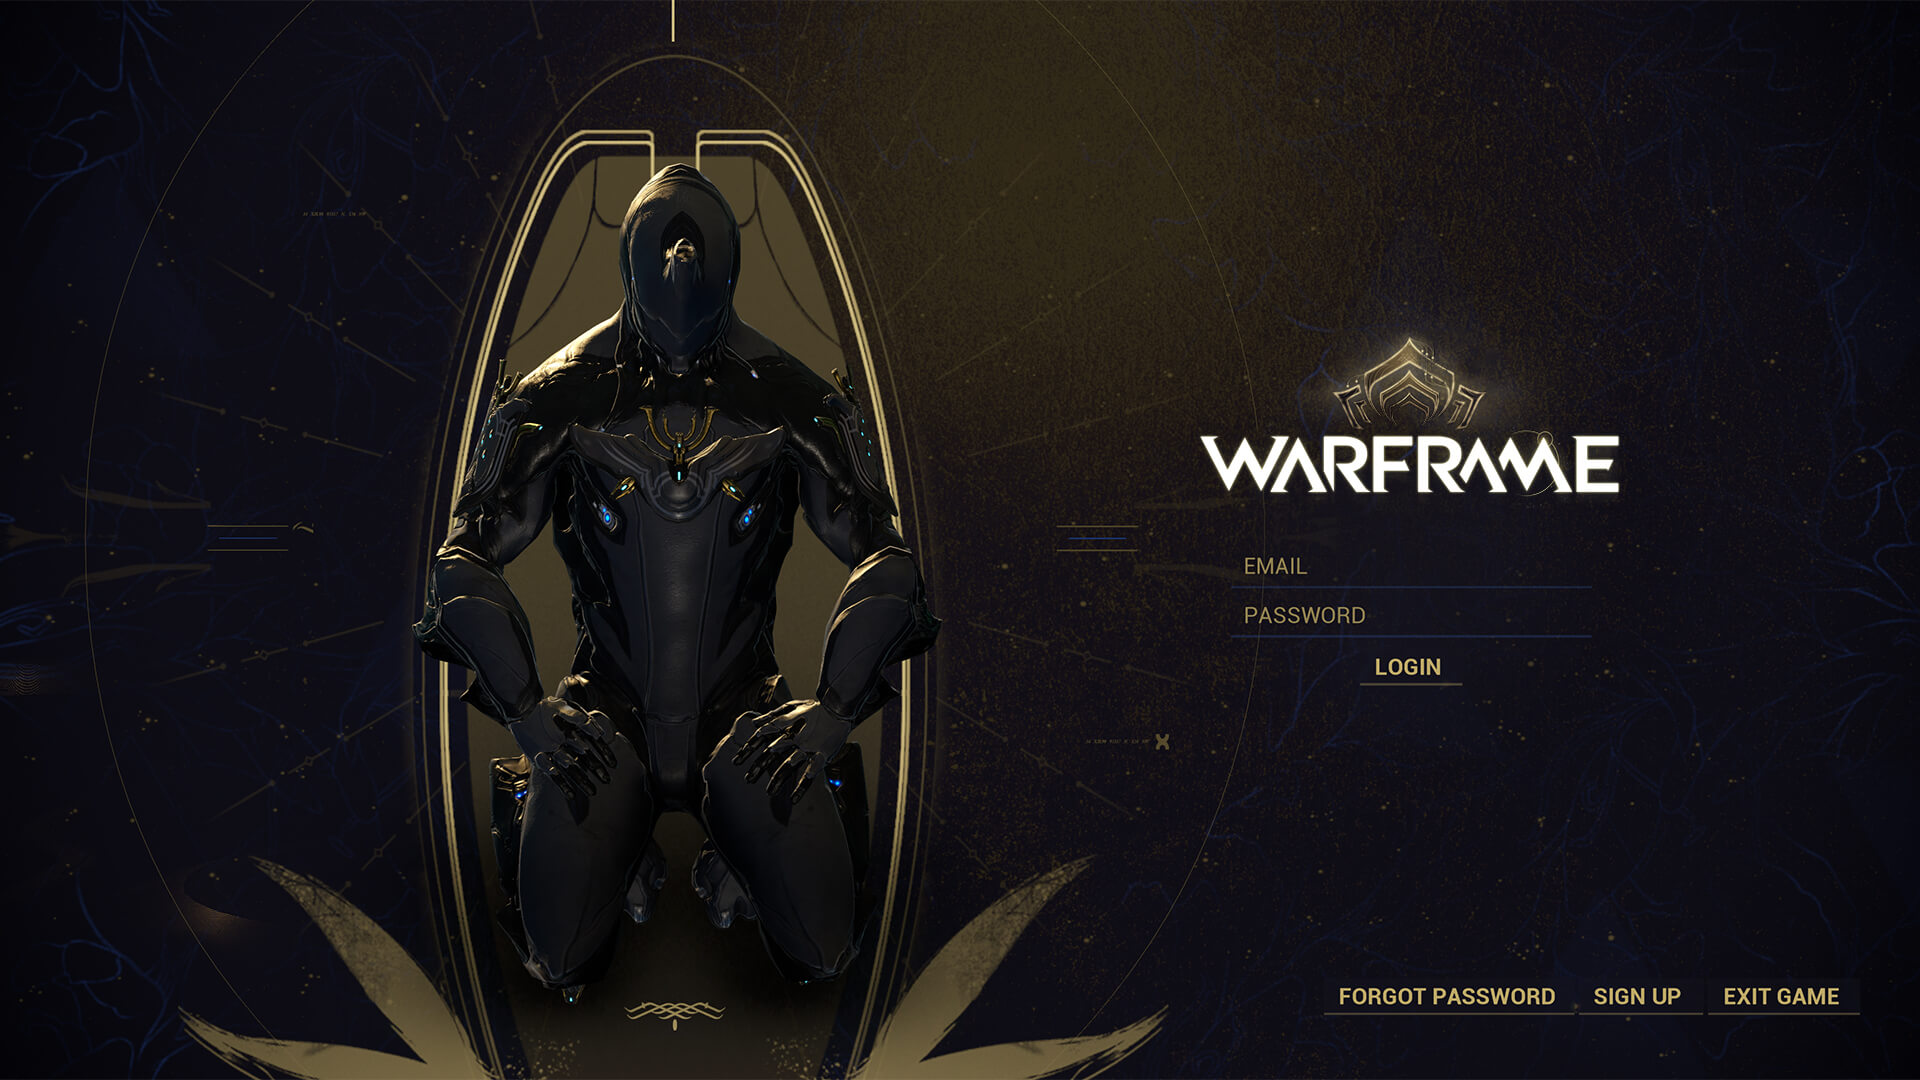 Warfarme-The-Sacrifice-new-login-screen